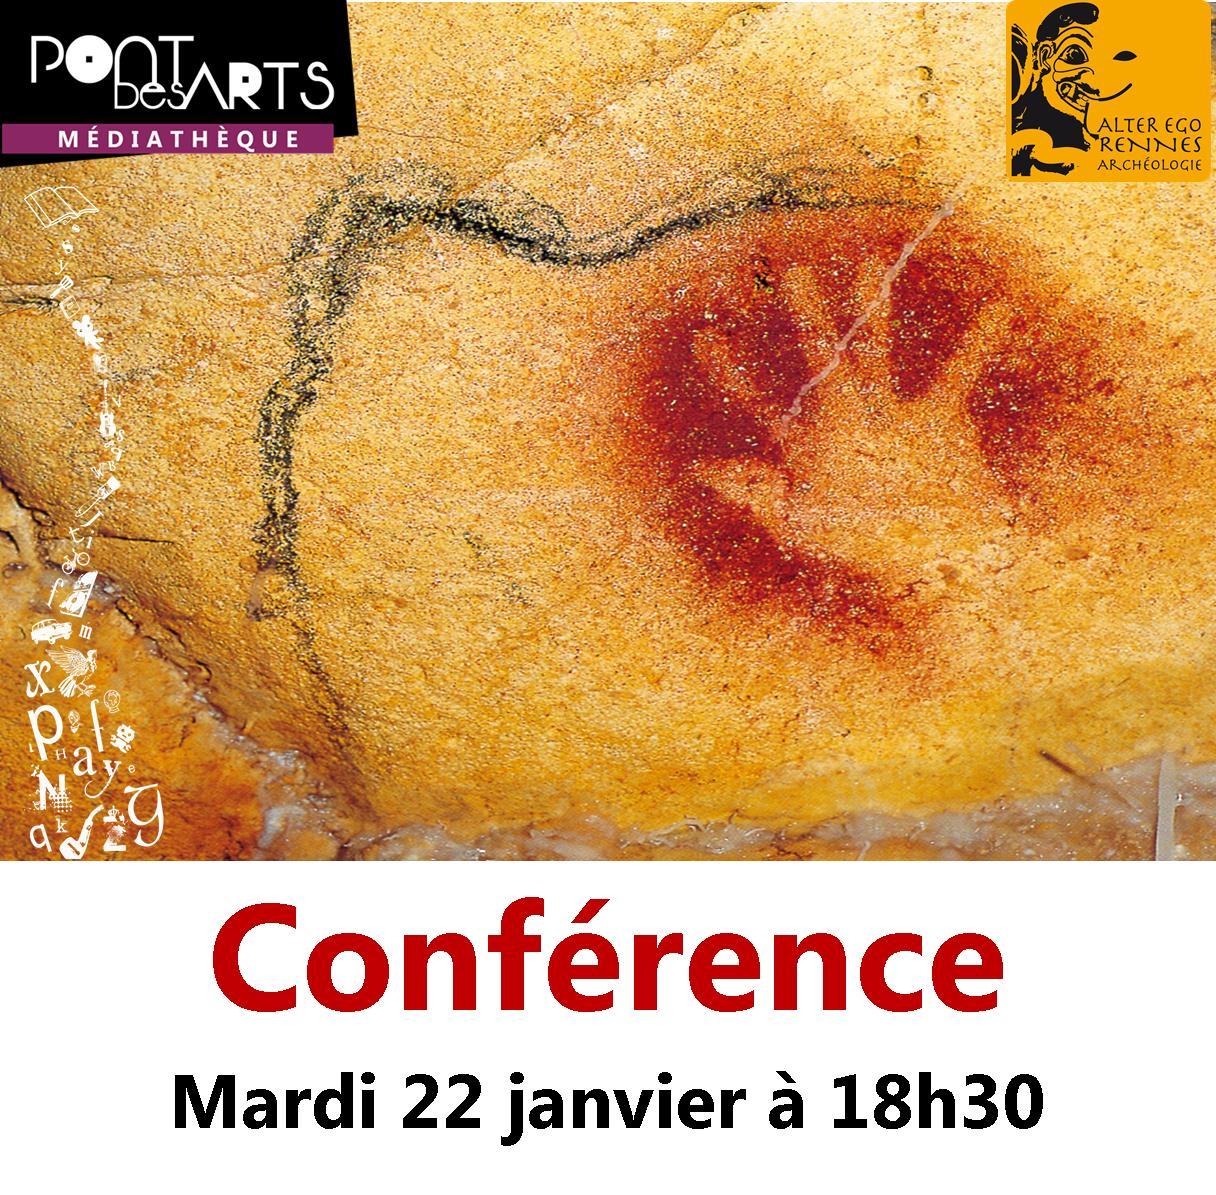 Conférence : La Préhistoire, science du temps et de l'incertitude |